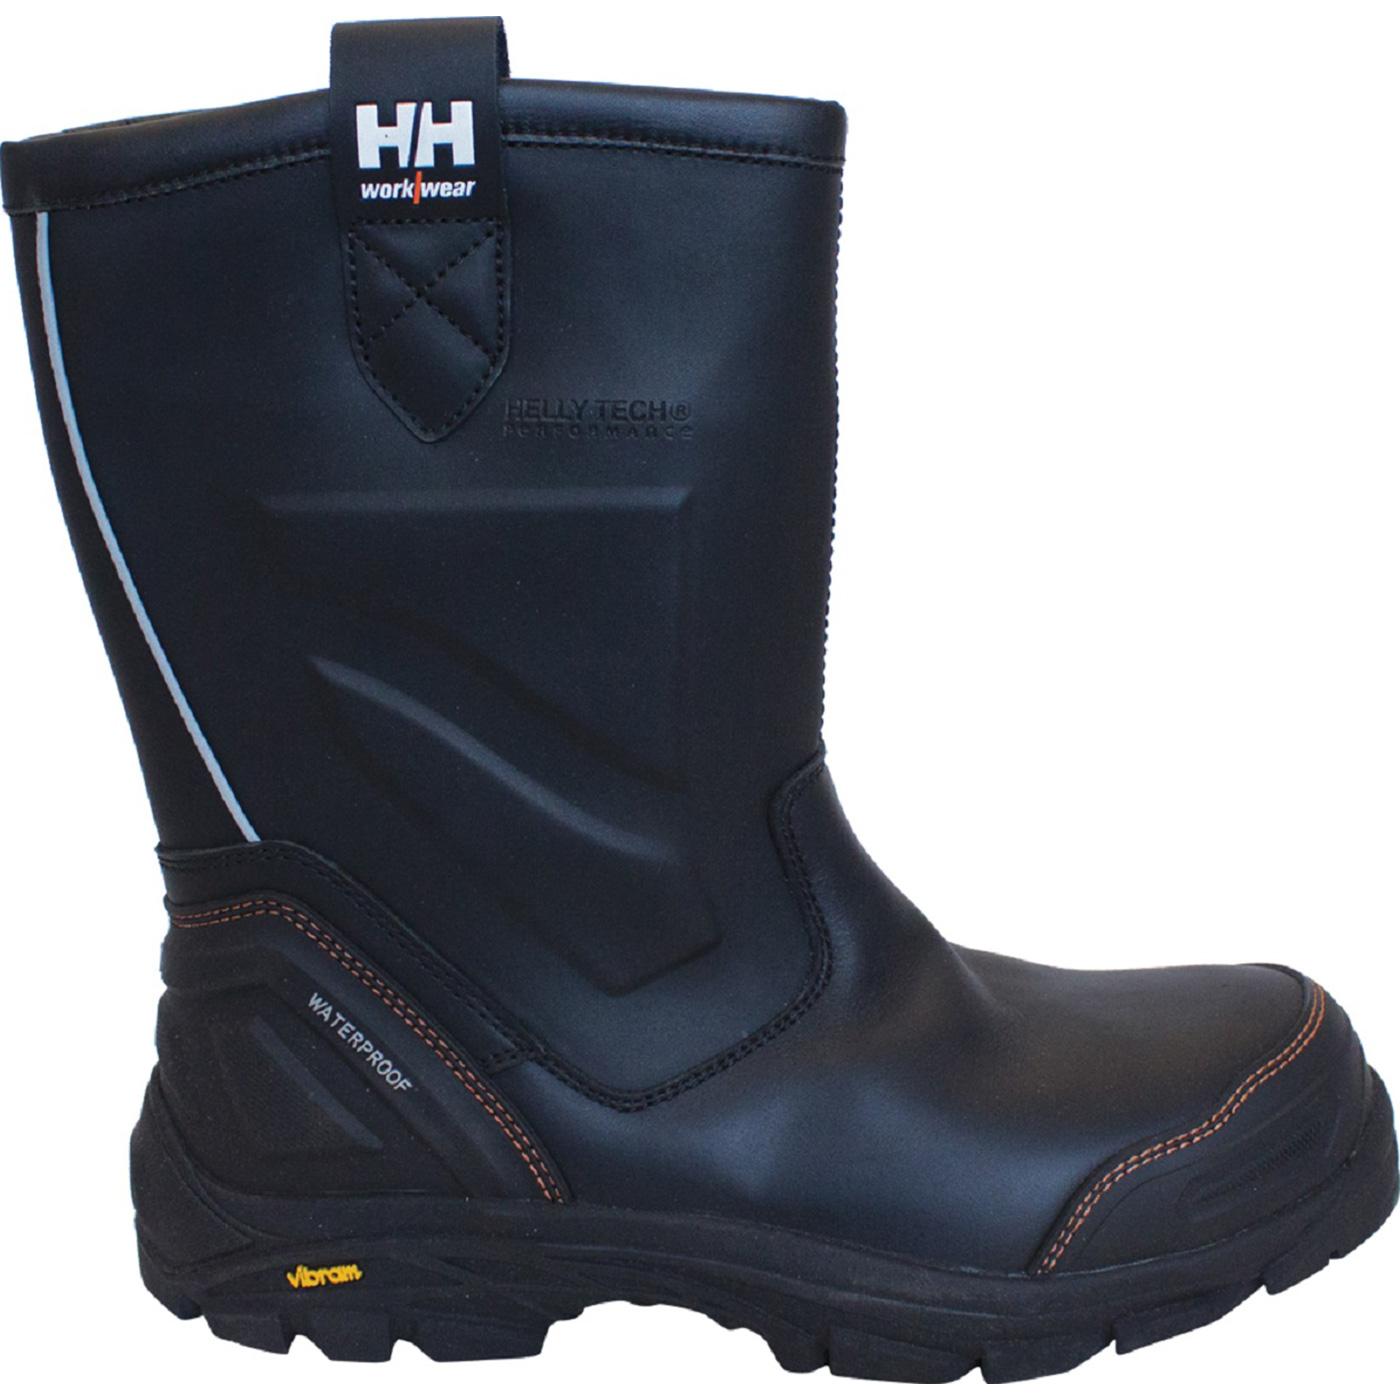 a58d50c428d Helly Hansen BERGEN Men's 11 inch Composite Toe Puncture-Resistant  Insulated Waterproof Wellington